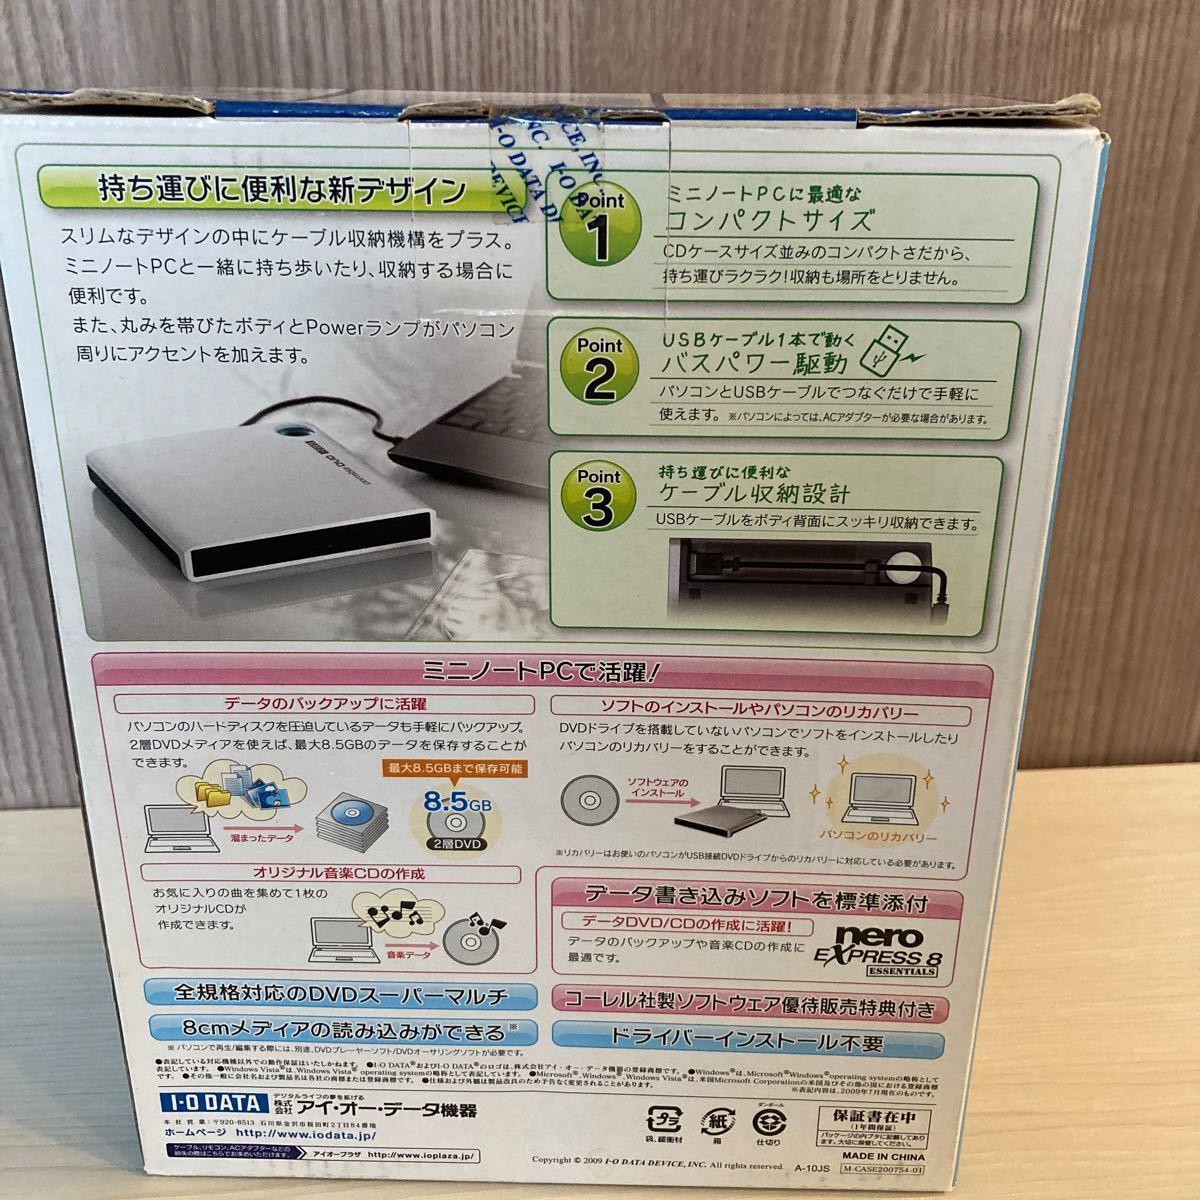 I-O DATA ミニノートPC対応 ポータブルDVDドライブ ホワイトモデル DVRP-U8SLE